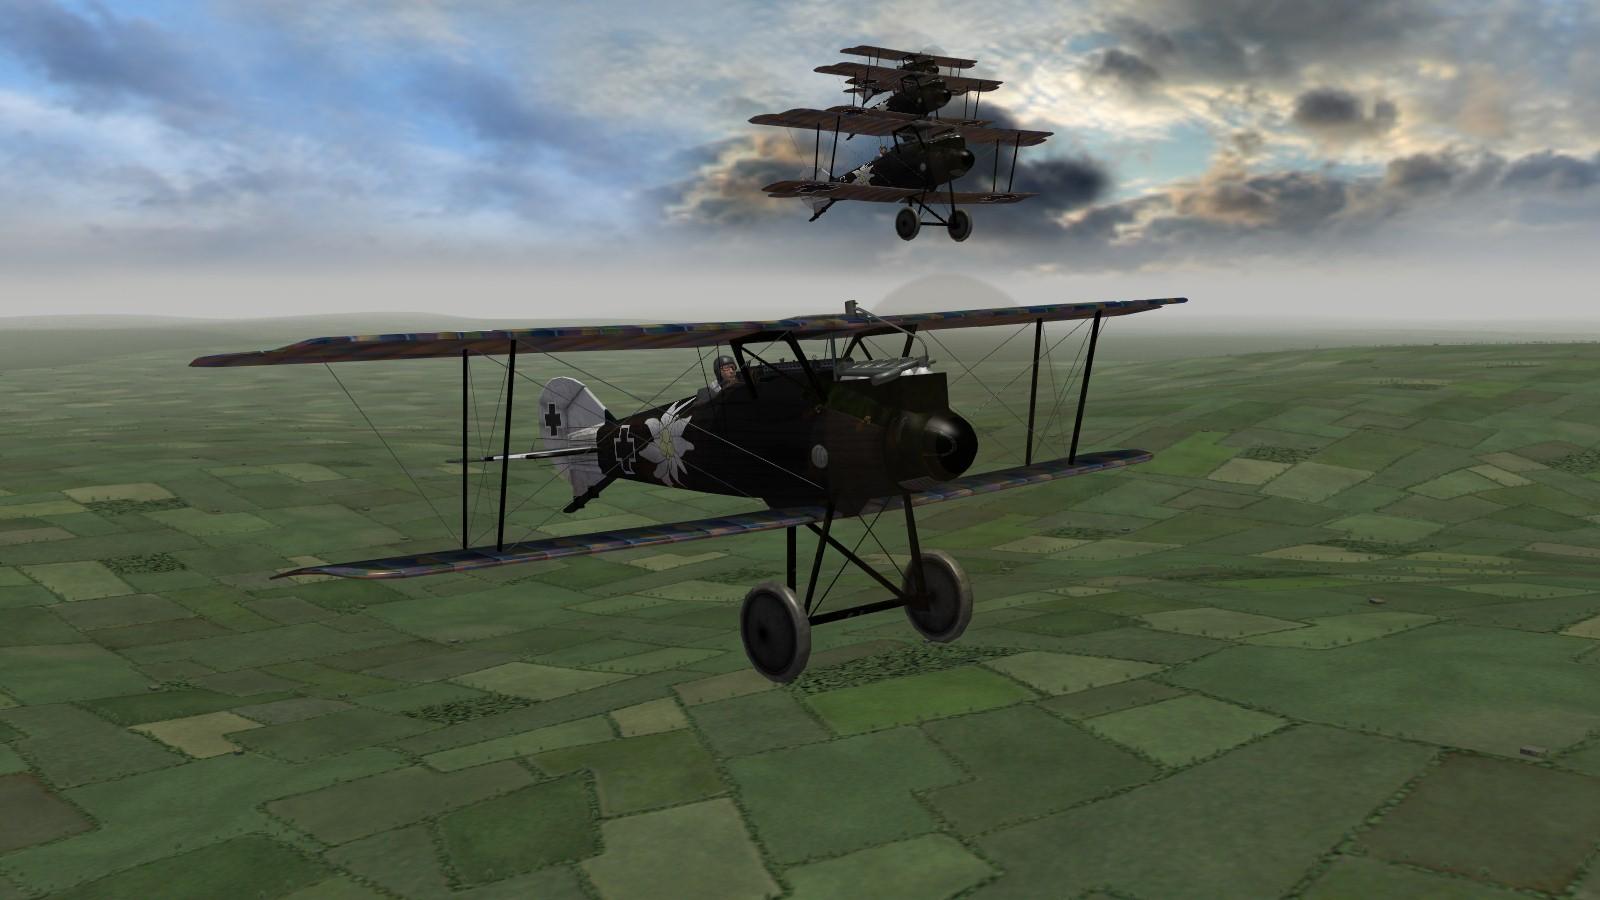 First Eagles 2 - Rolands en route